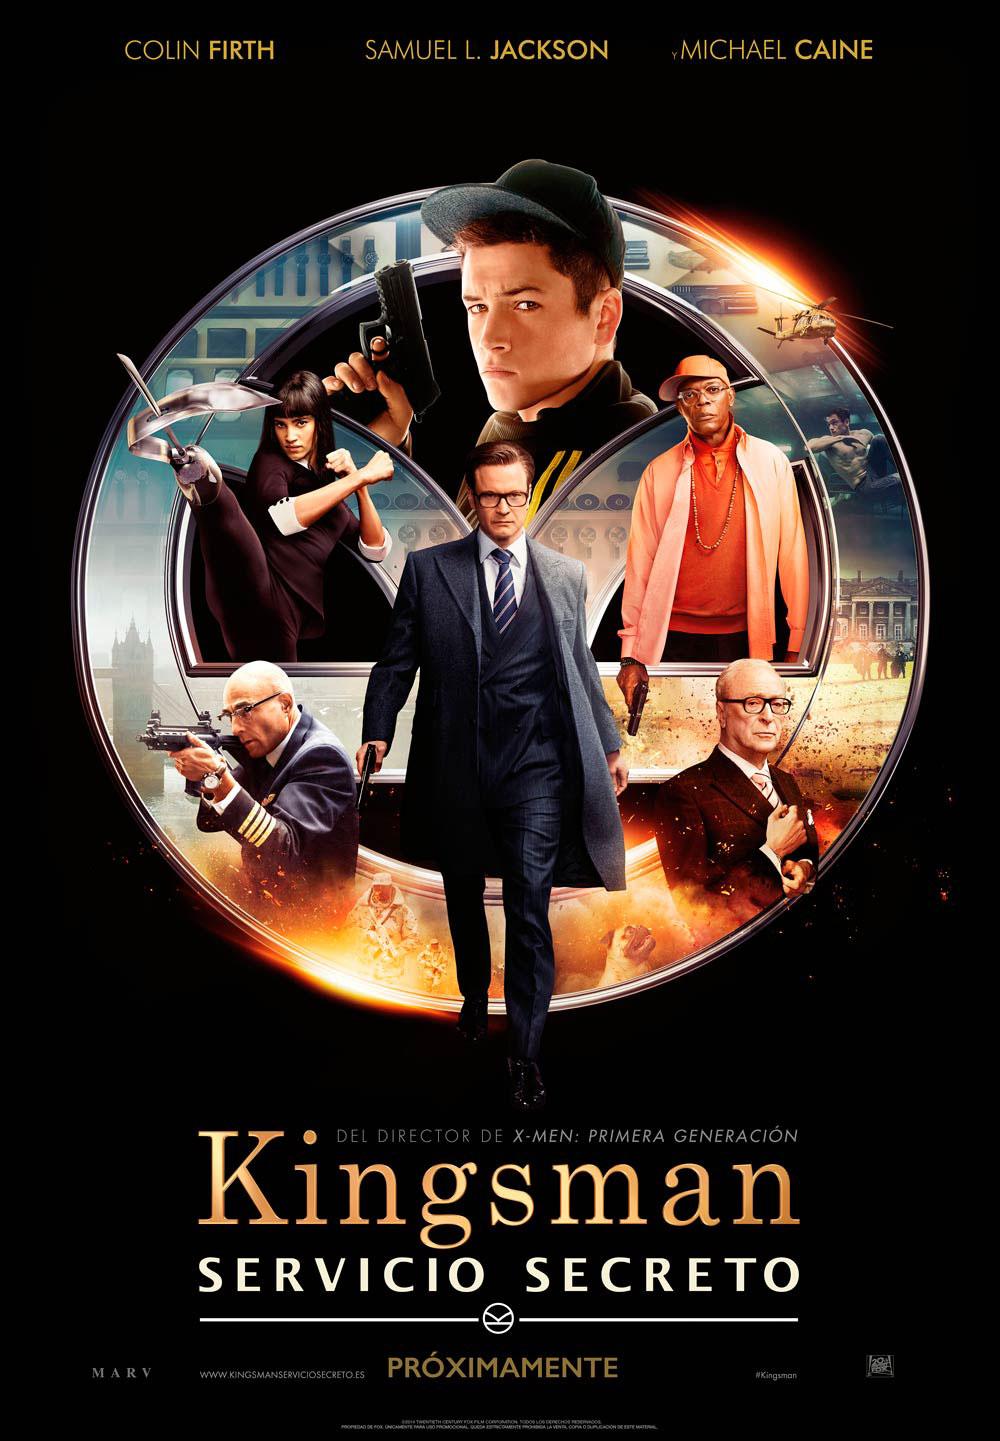 Kingsman-Servicio-secreto-Cartel